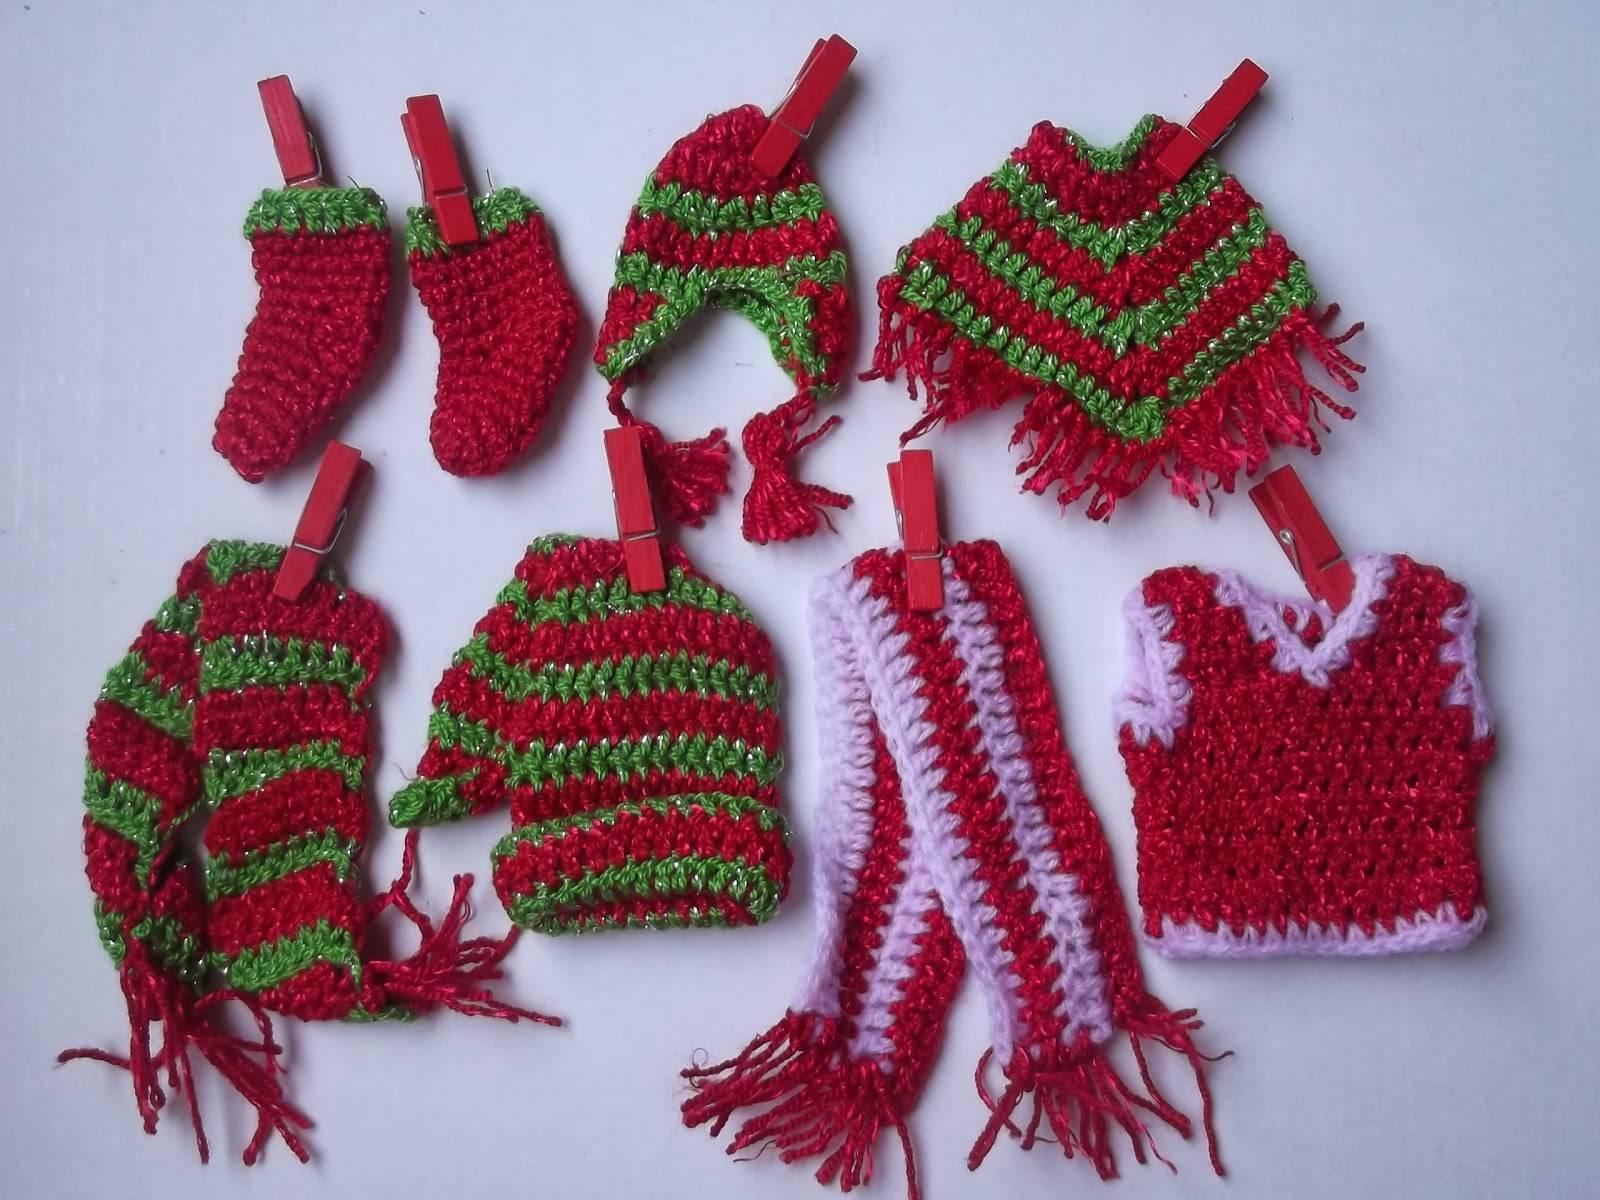 Adornos navide os tejidos a crochet paso a paso - Adornos faciles de navidad ...